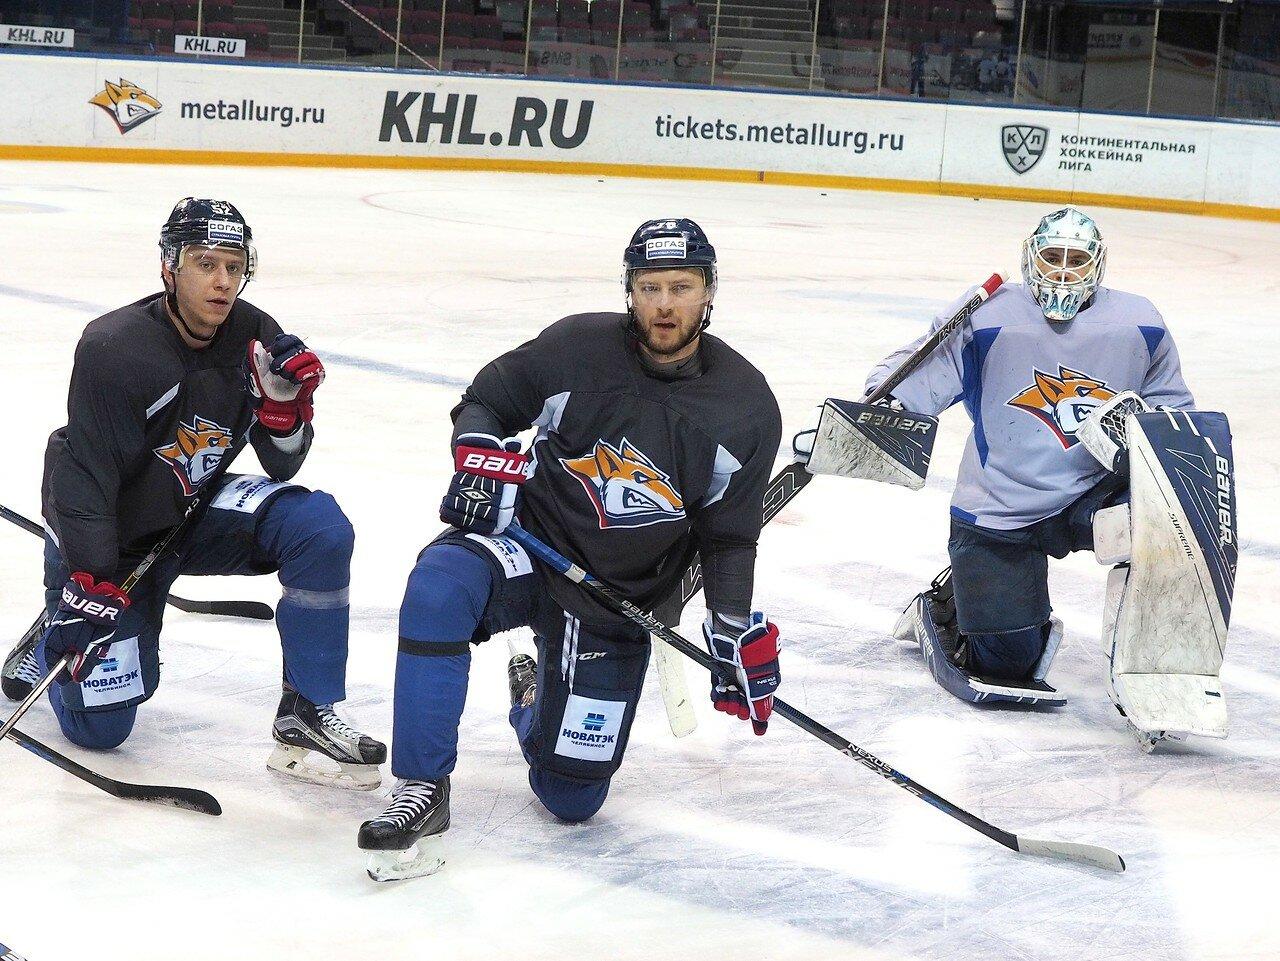 39 Открытая тренировка перед финалом плей-офф восточной конференции КХЛ 2017 22.03.2017